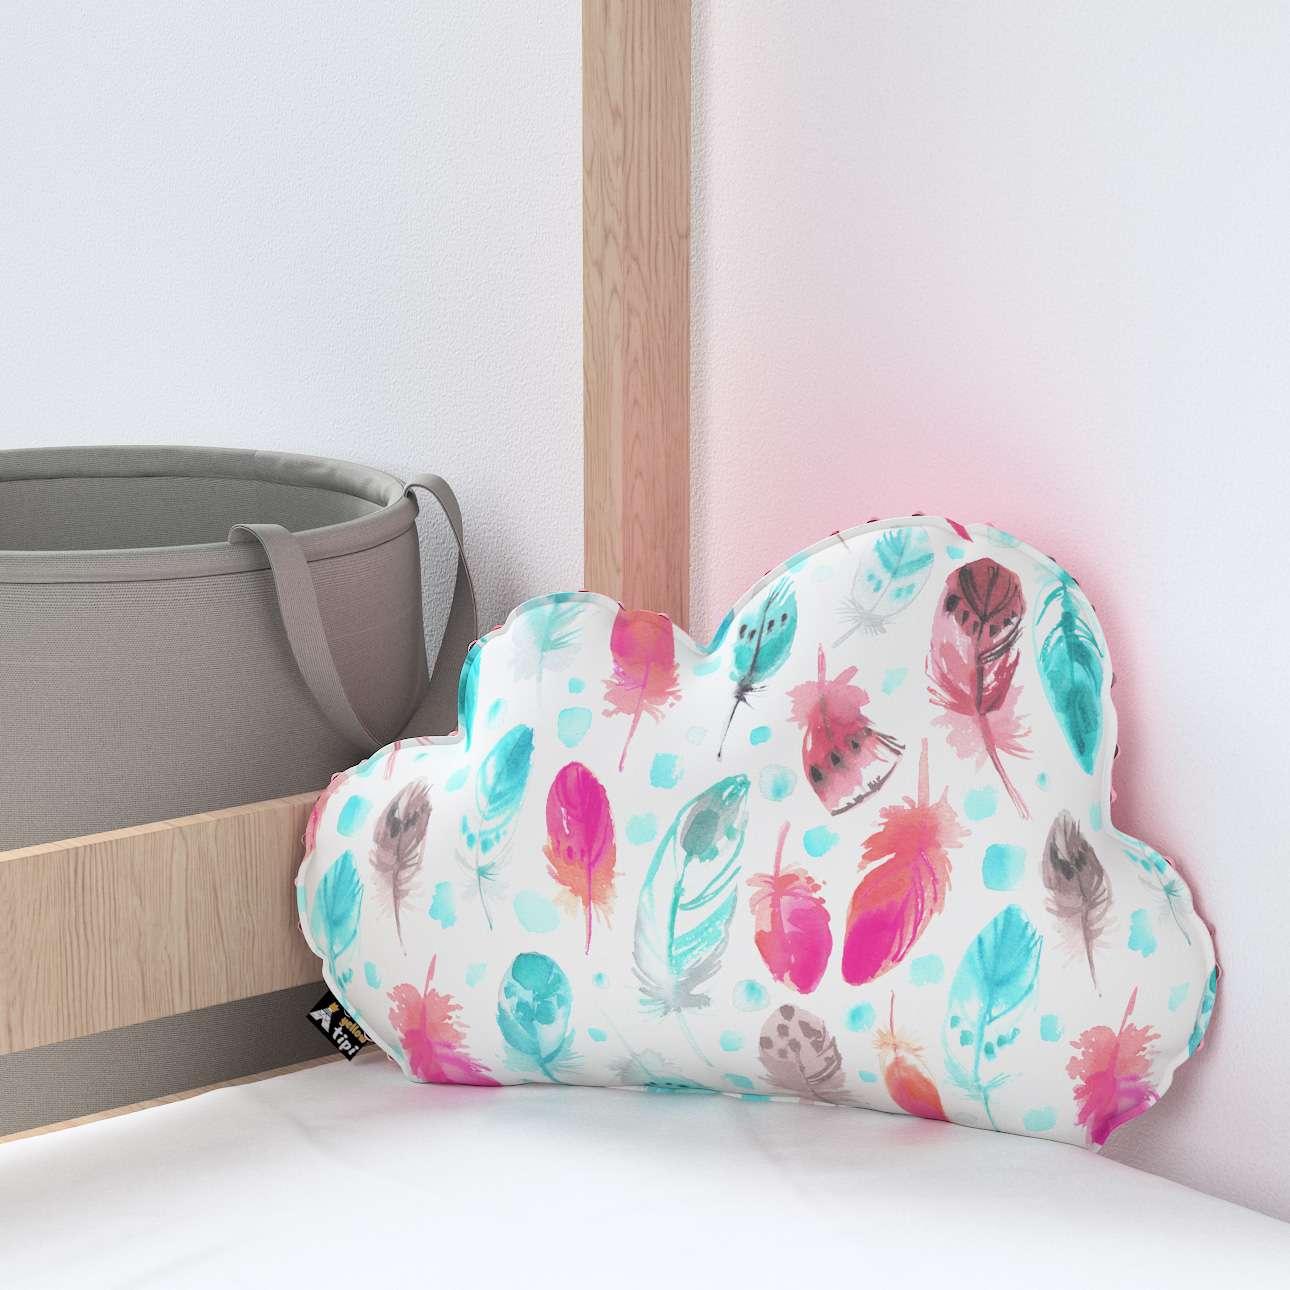 Kissen Soft Cloud aus Minky von der Kollektion Magic Collection, Stoff: 500-17